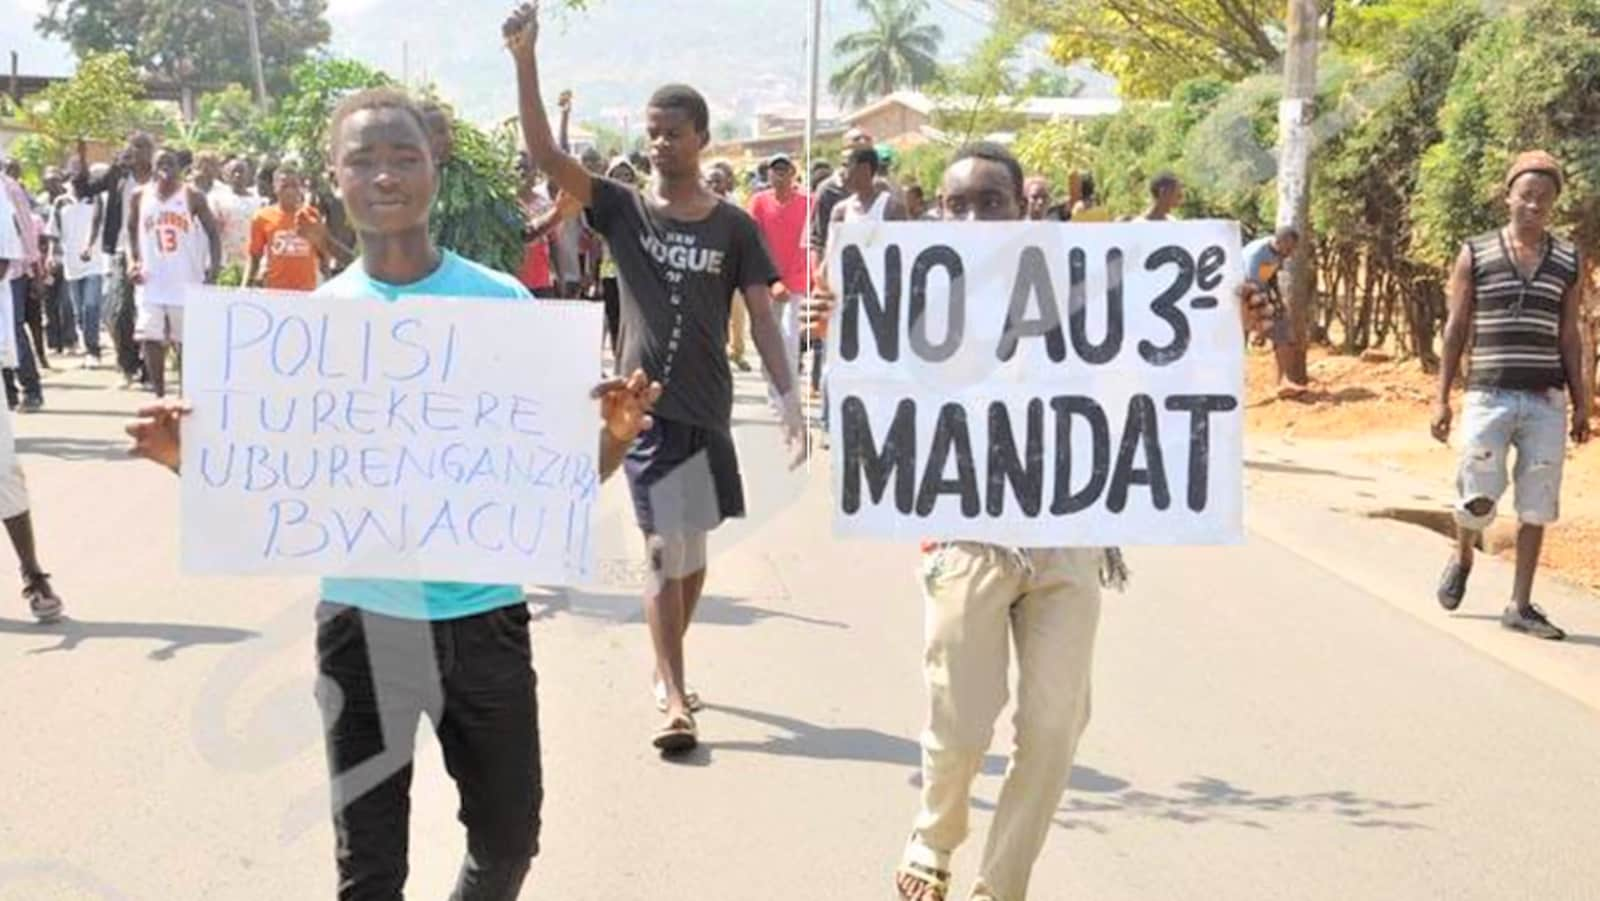 Un jeune manifestant tient une pancarte sur la quelle il est écrit : No au 3e mandat.